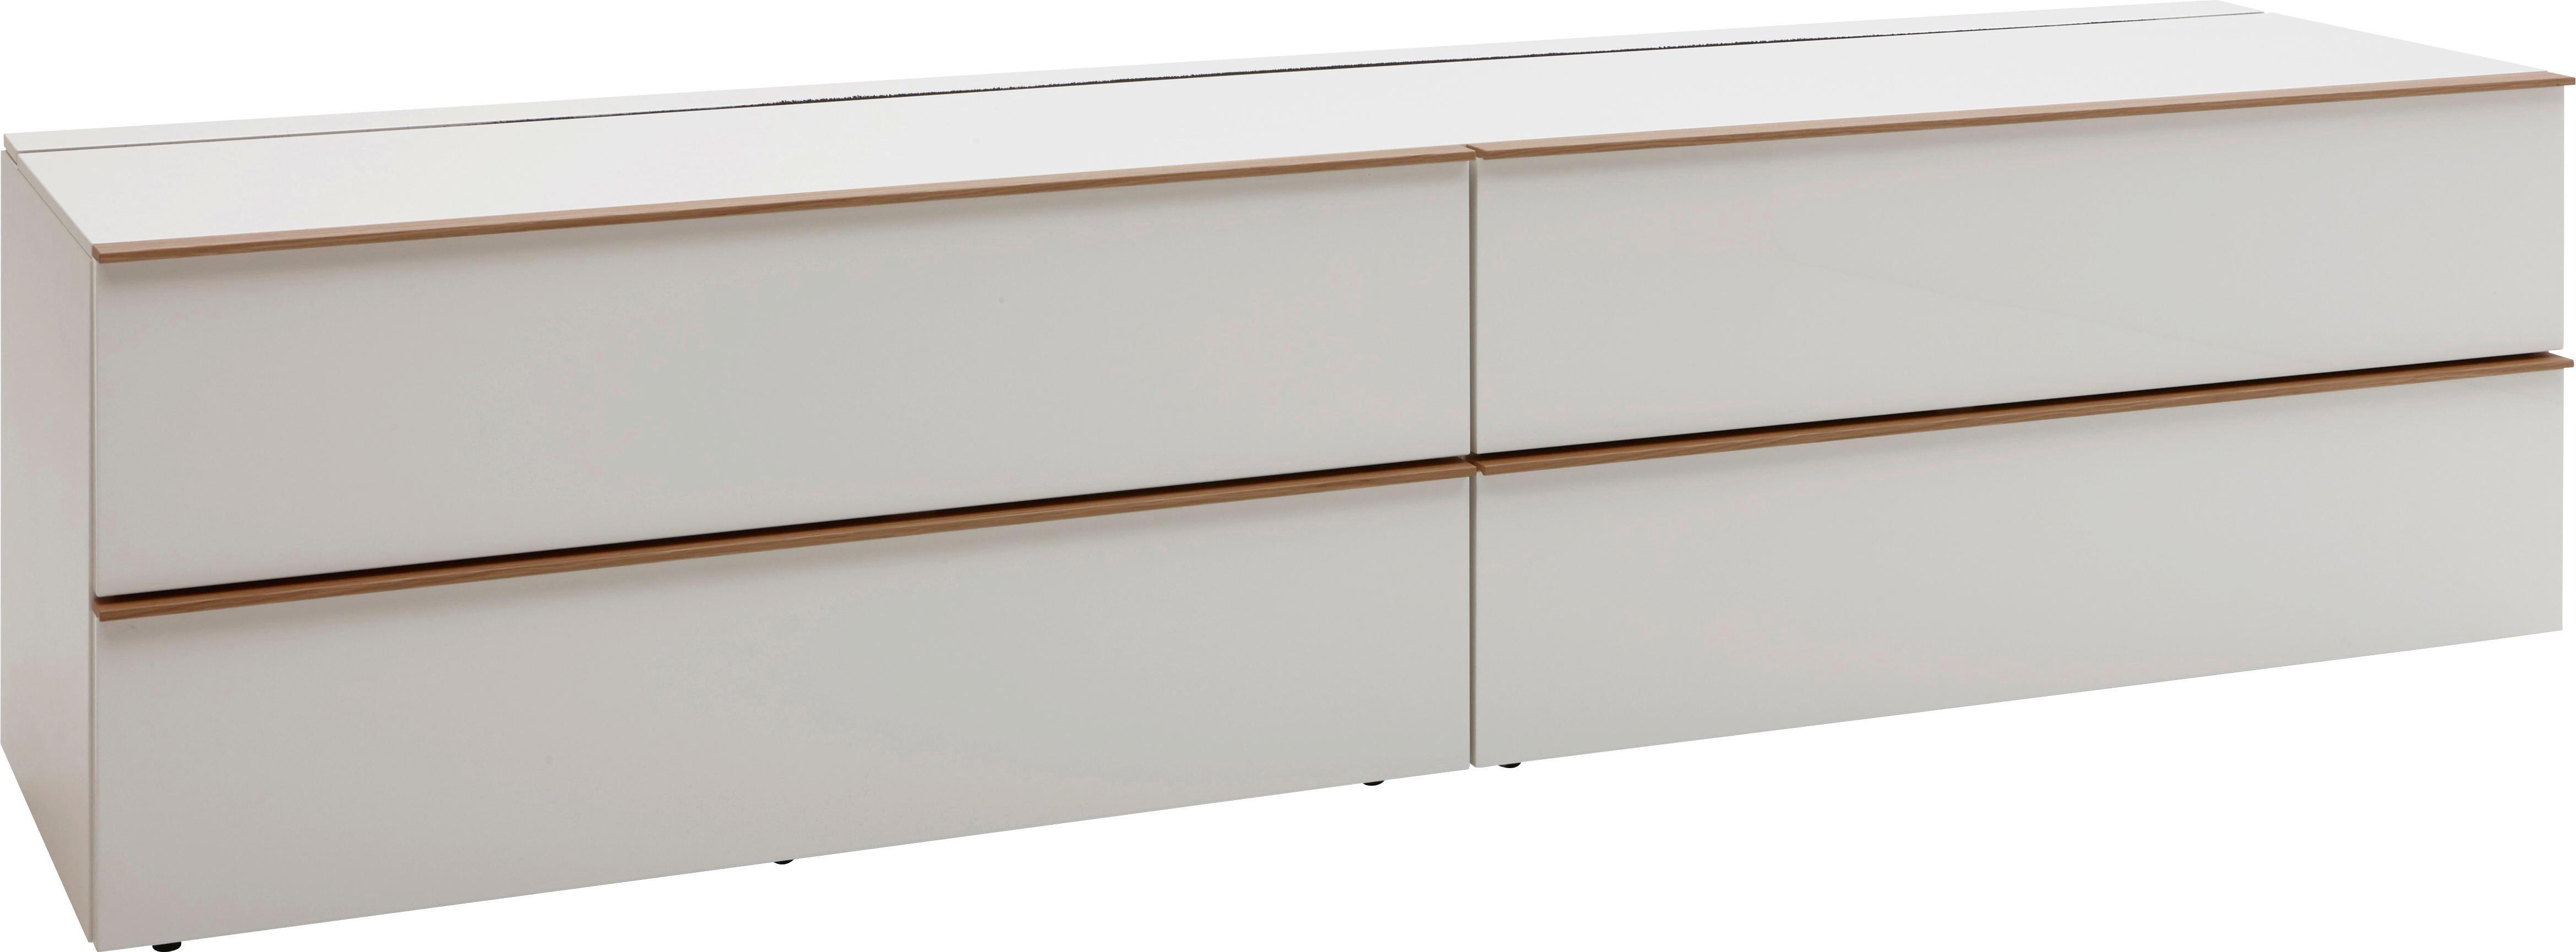 Design Lowboard Interesting Lowboard With Design Lowboard Elegant